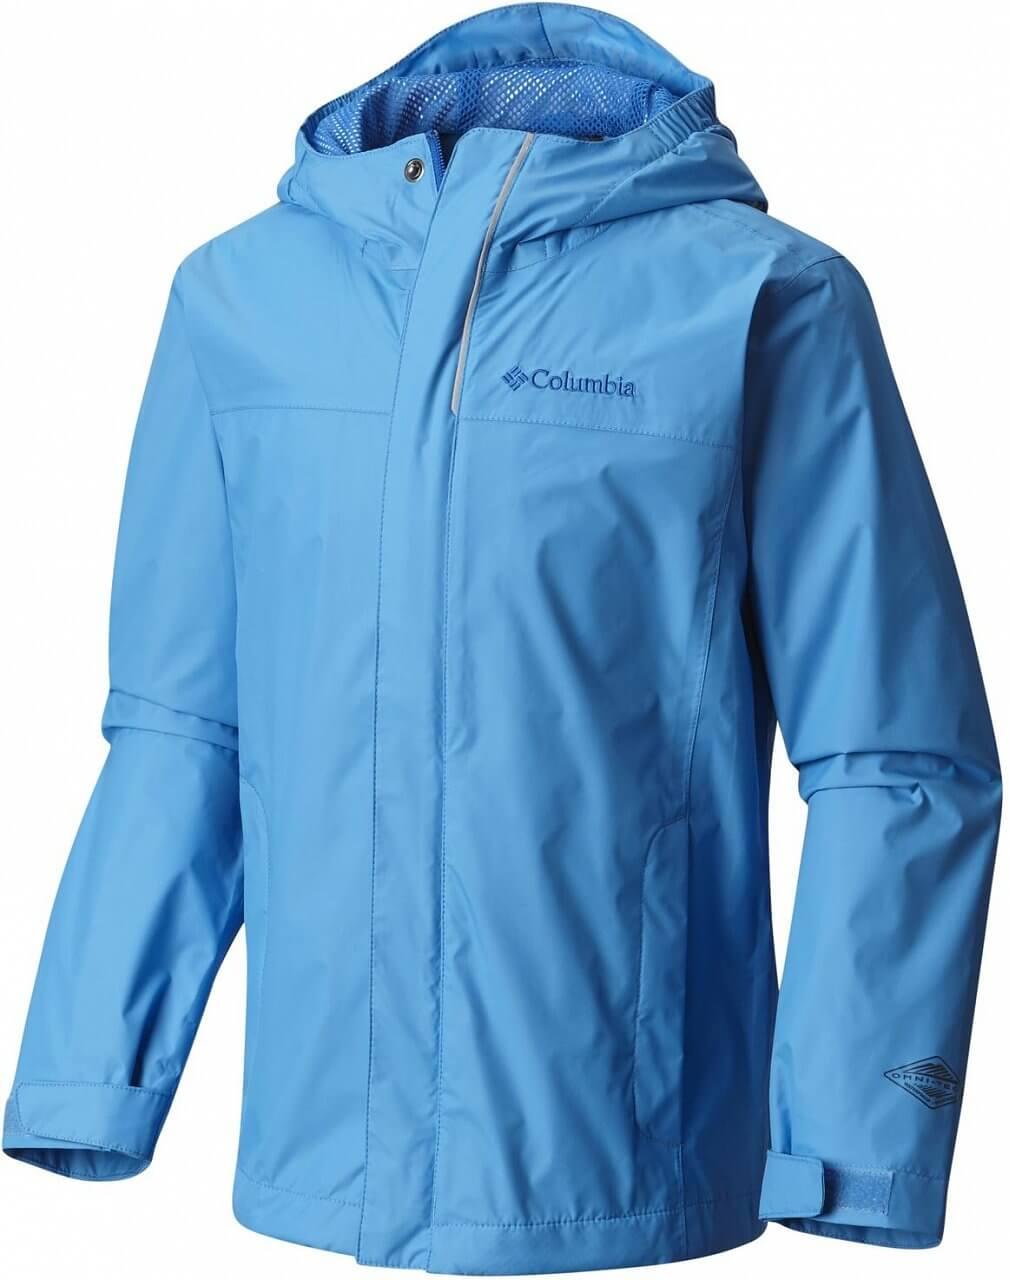 Dětská vodotěsná bunda Columbia Watertight Jacket